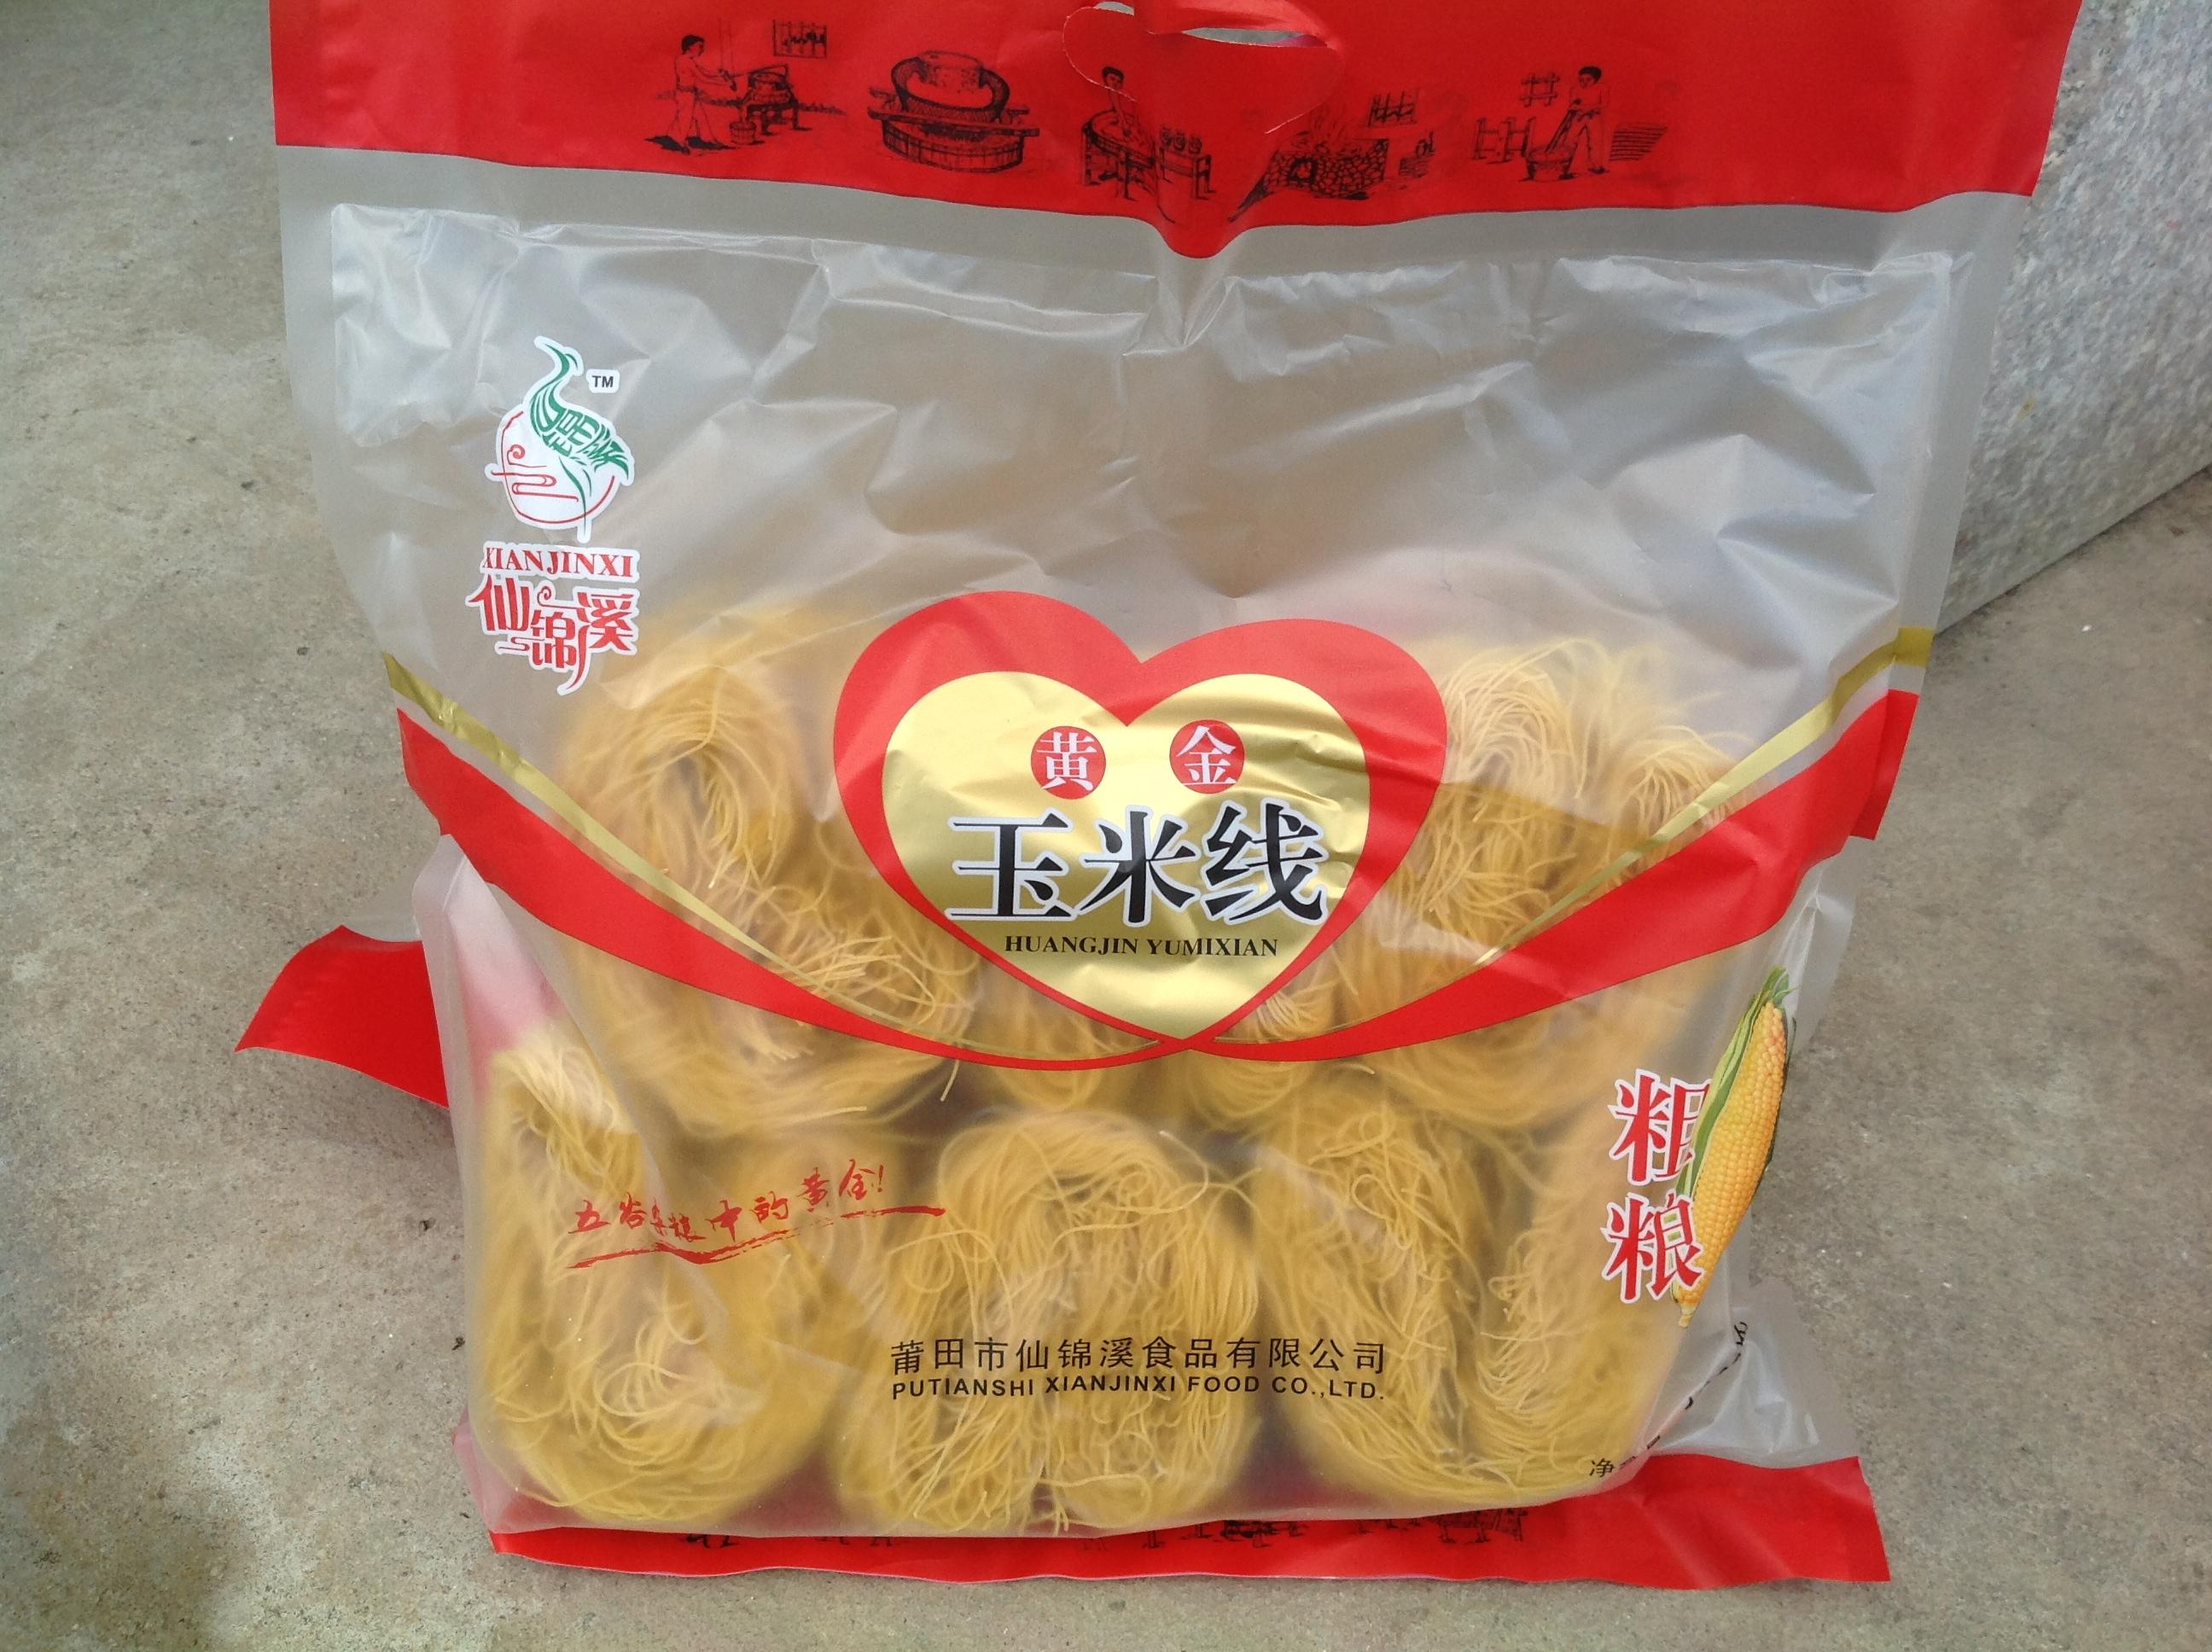 信誉好的玉米米粉厂家_福建兴化米粉